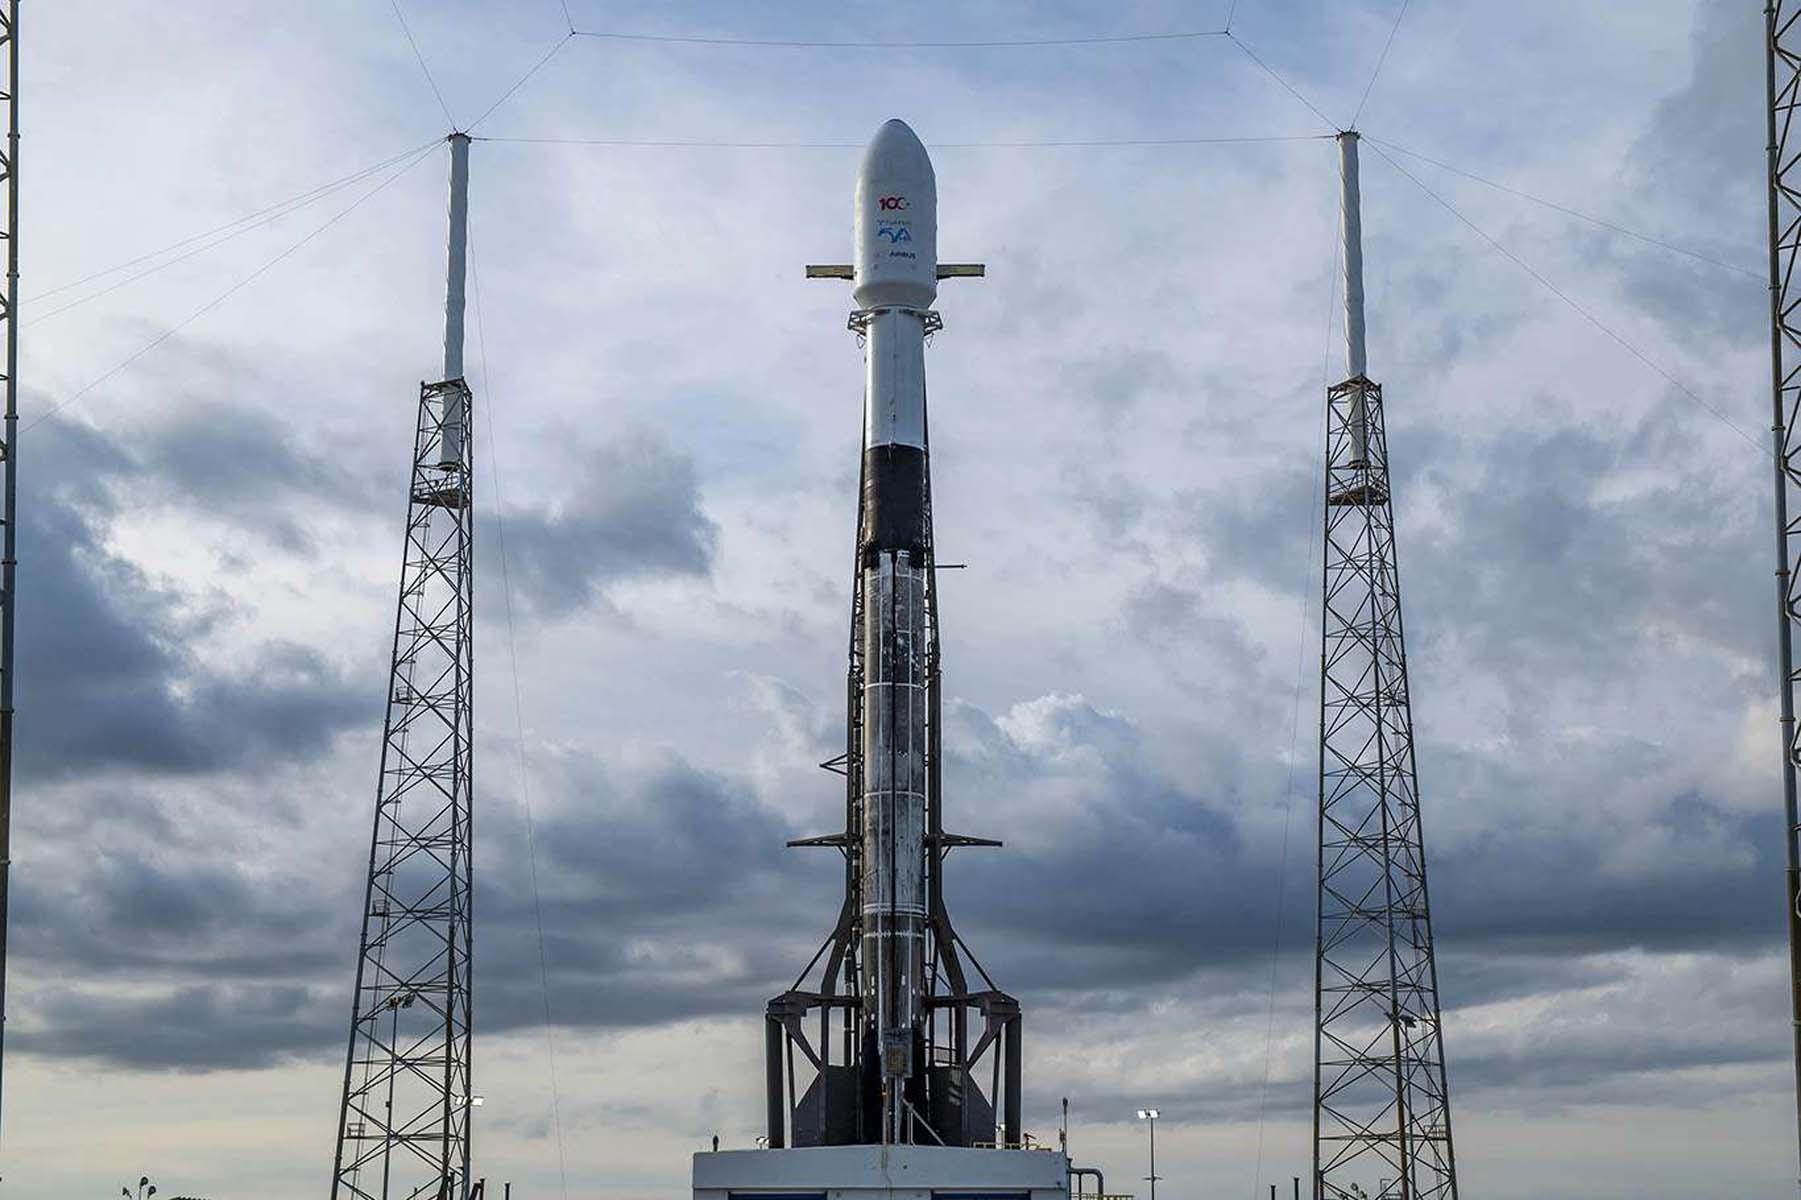 Aylarca süren bekleyiş sona erdi: TÜRKSAT 5A uydusu bugün hizmet vermeye başlayacak